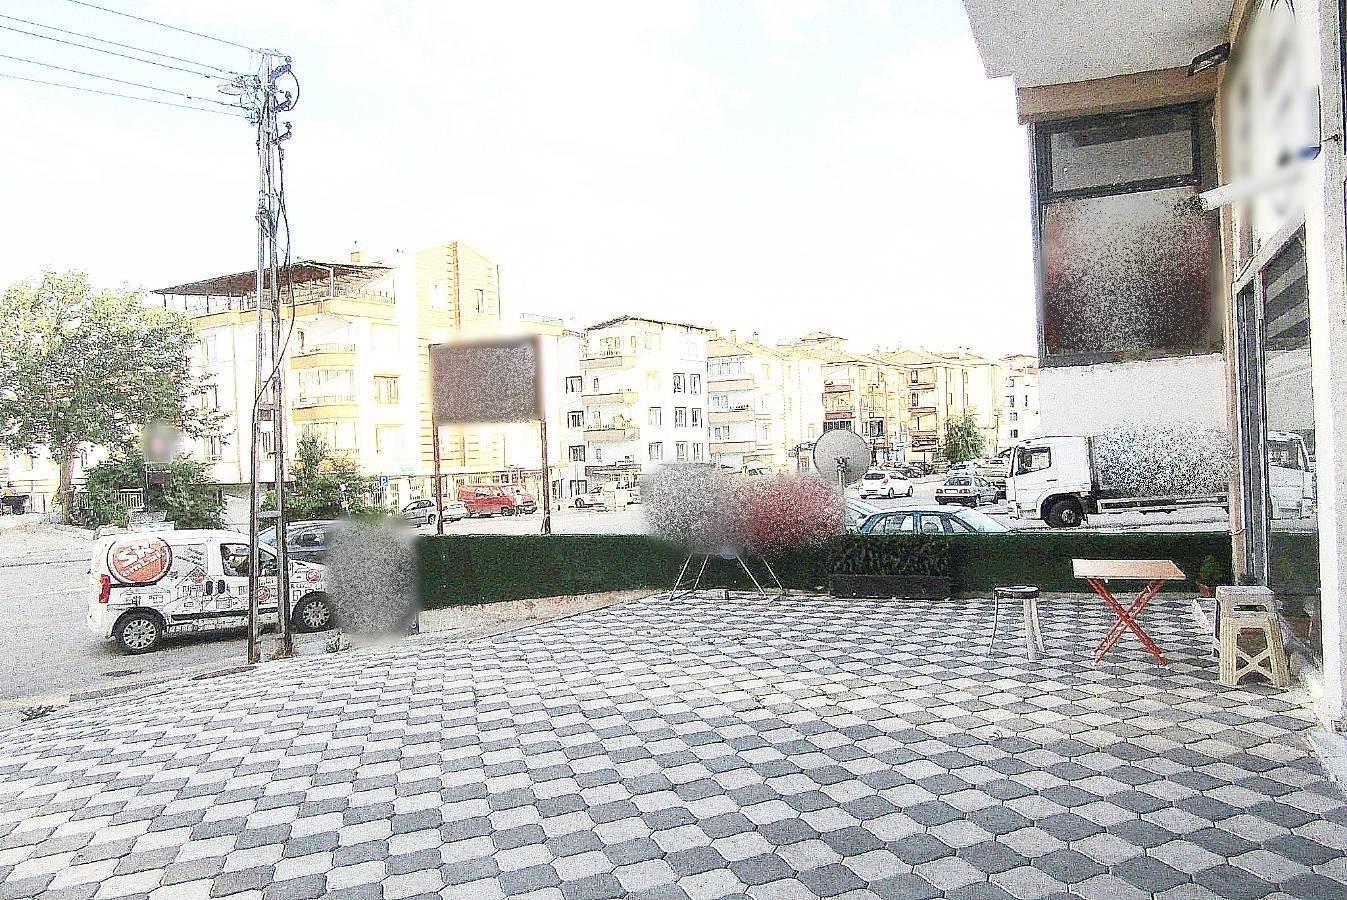 SR EMLAK'TAN PİYADE MAH'DE 170m² CADDE ÜZERİNDE YAPILI DÜKKAN